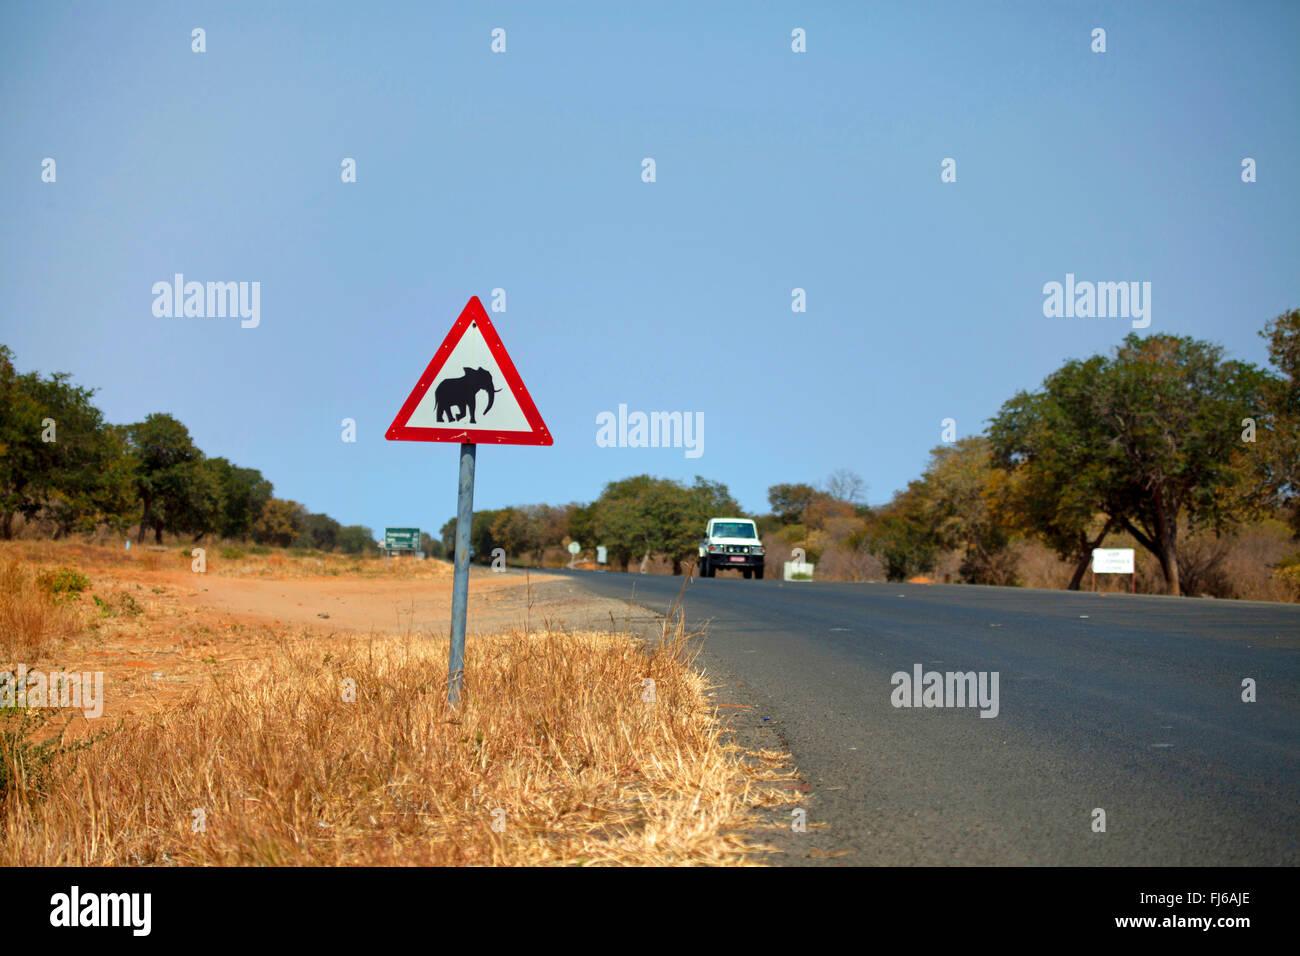 road sign 'crossing elephants', Botswana - Stock Image